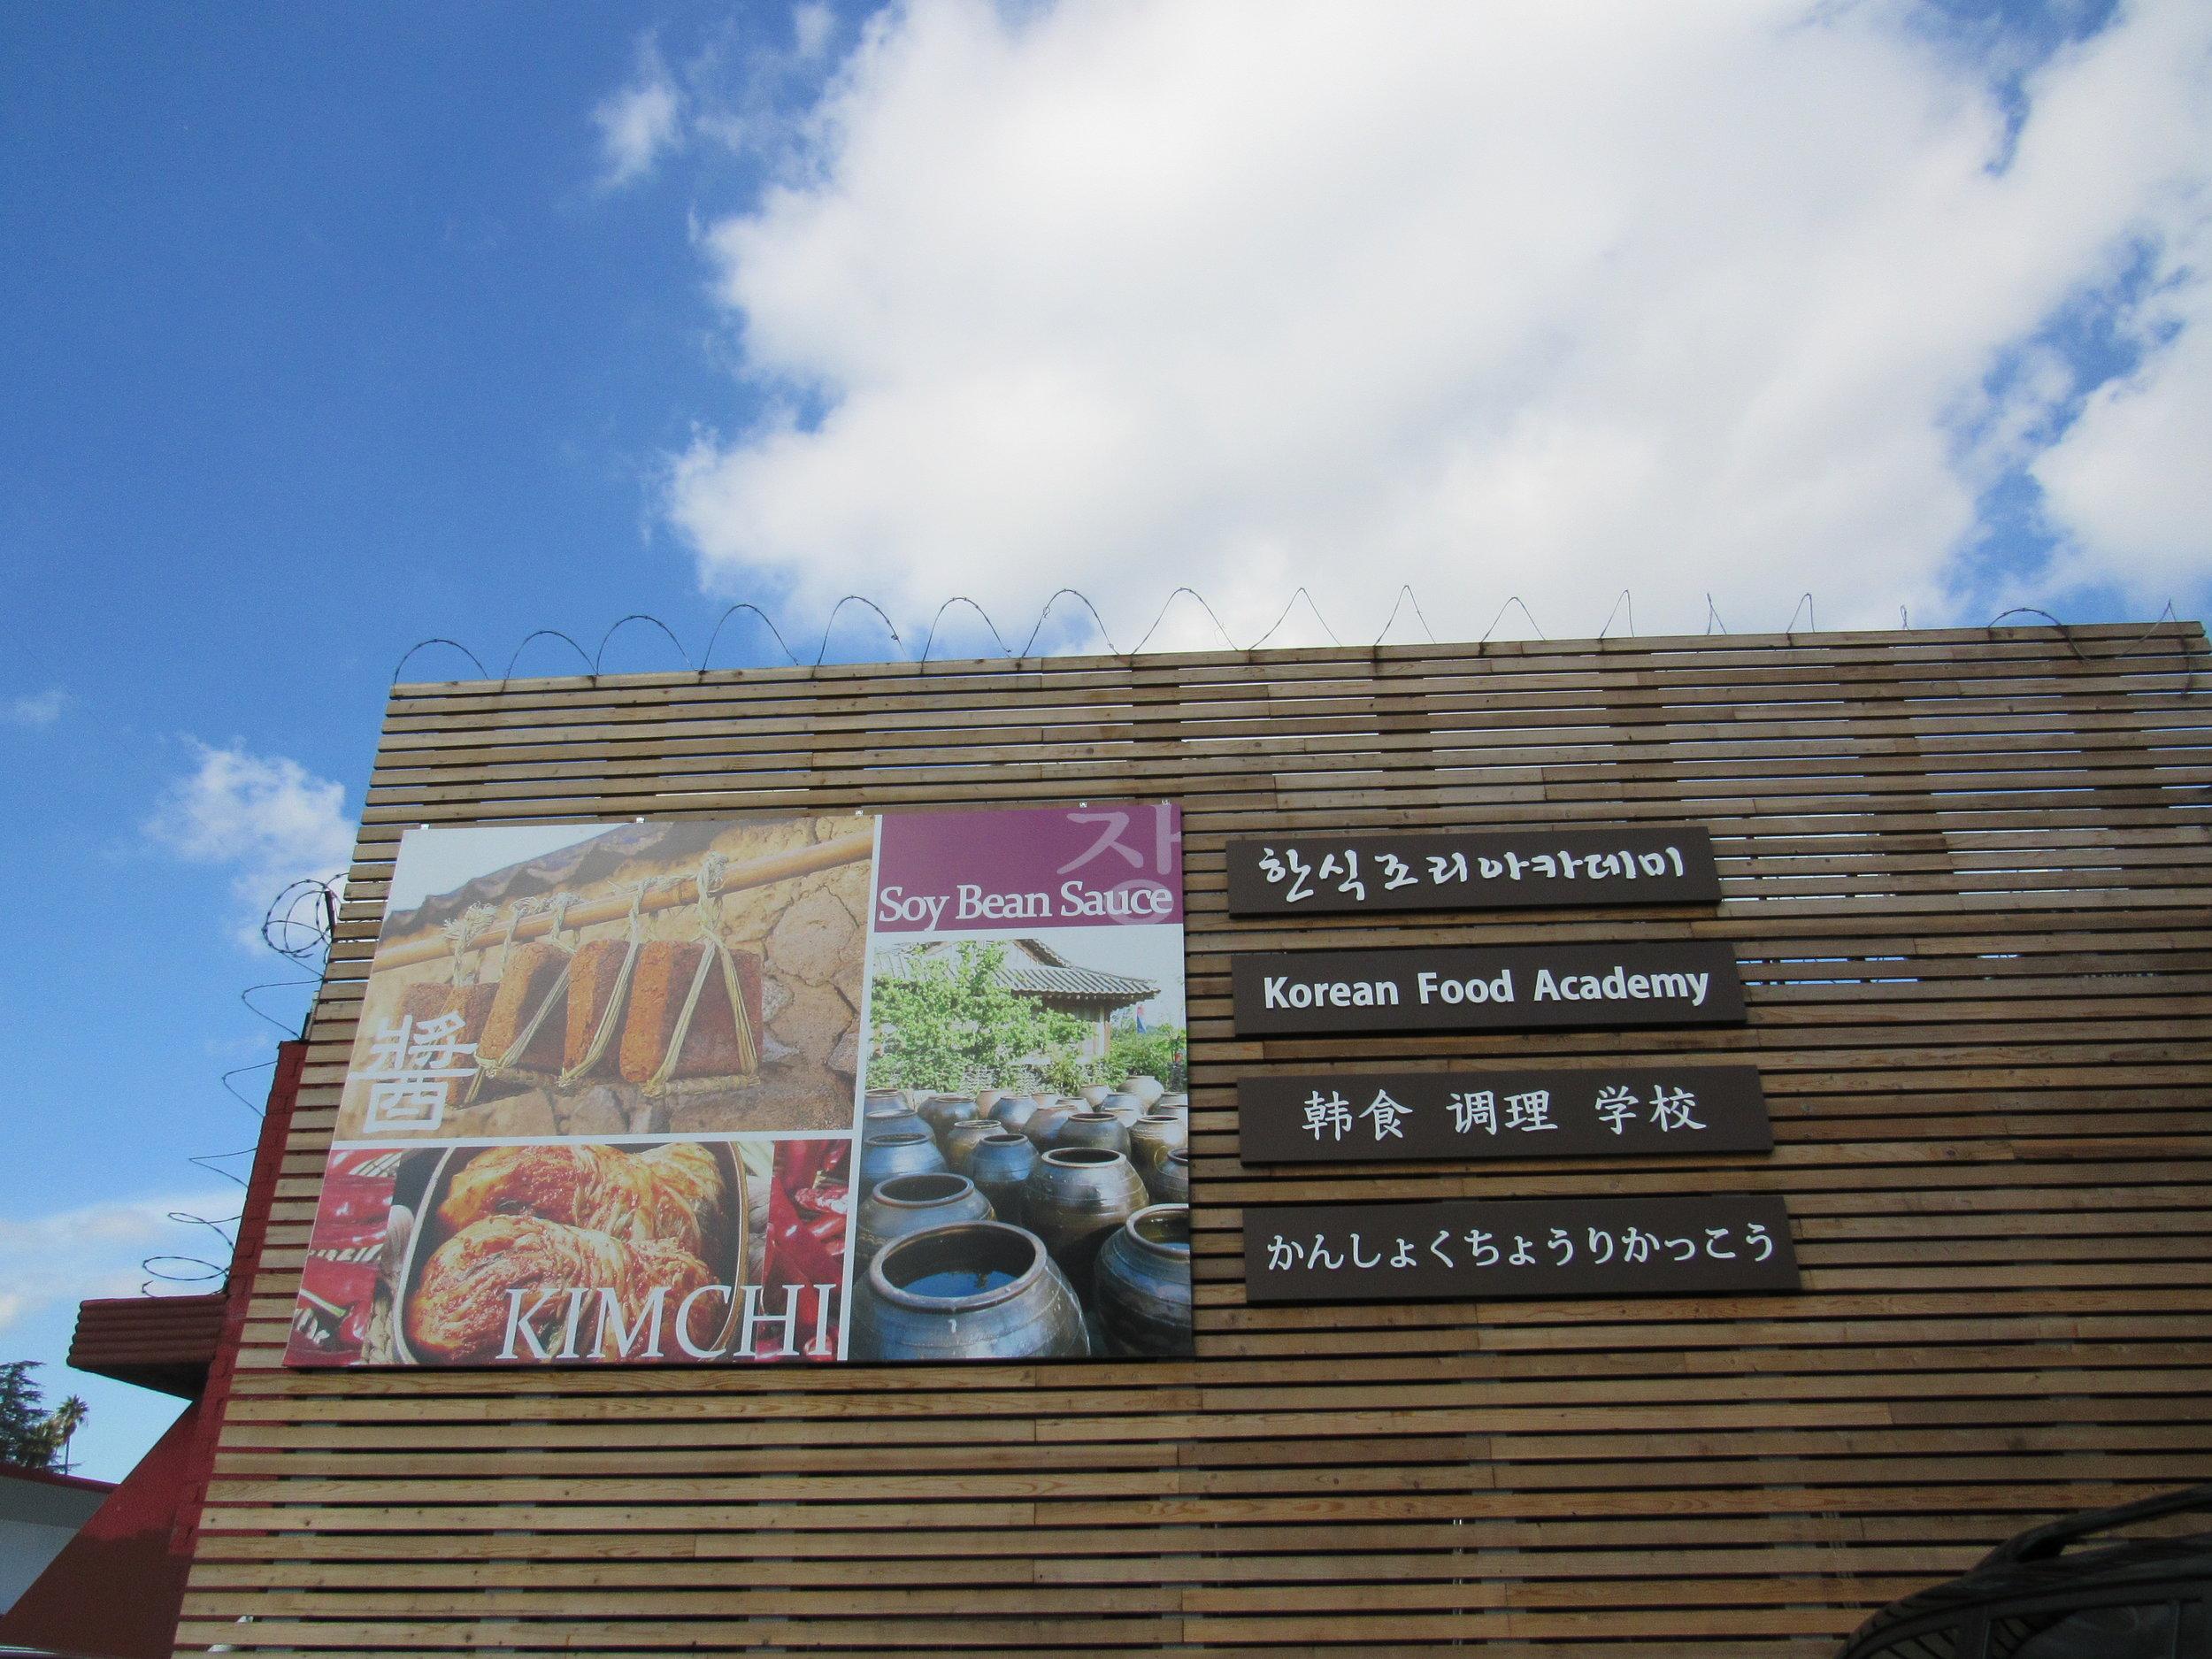 LA Korean Food Academy